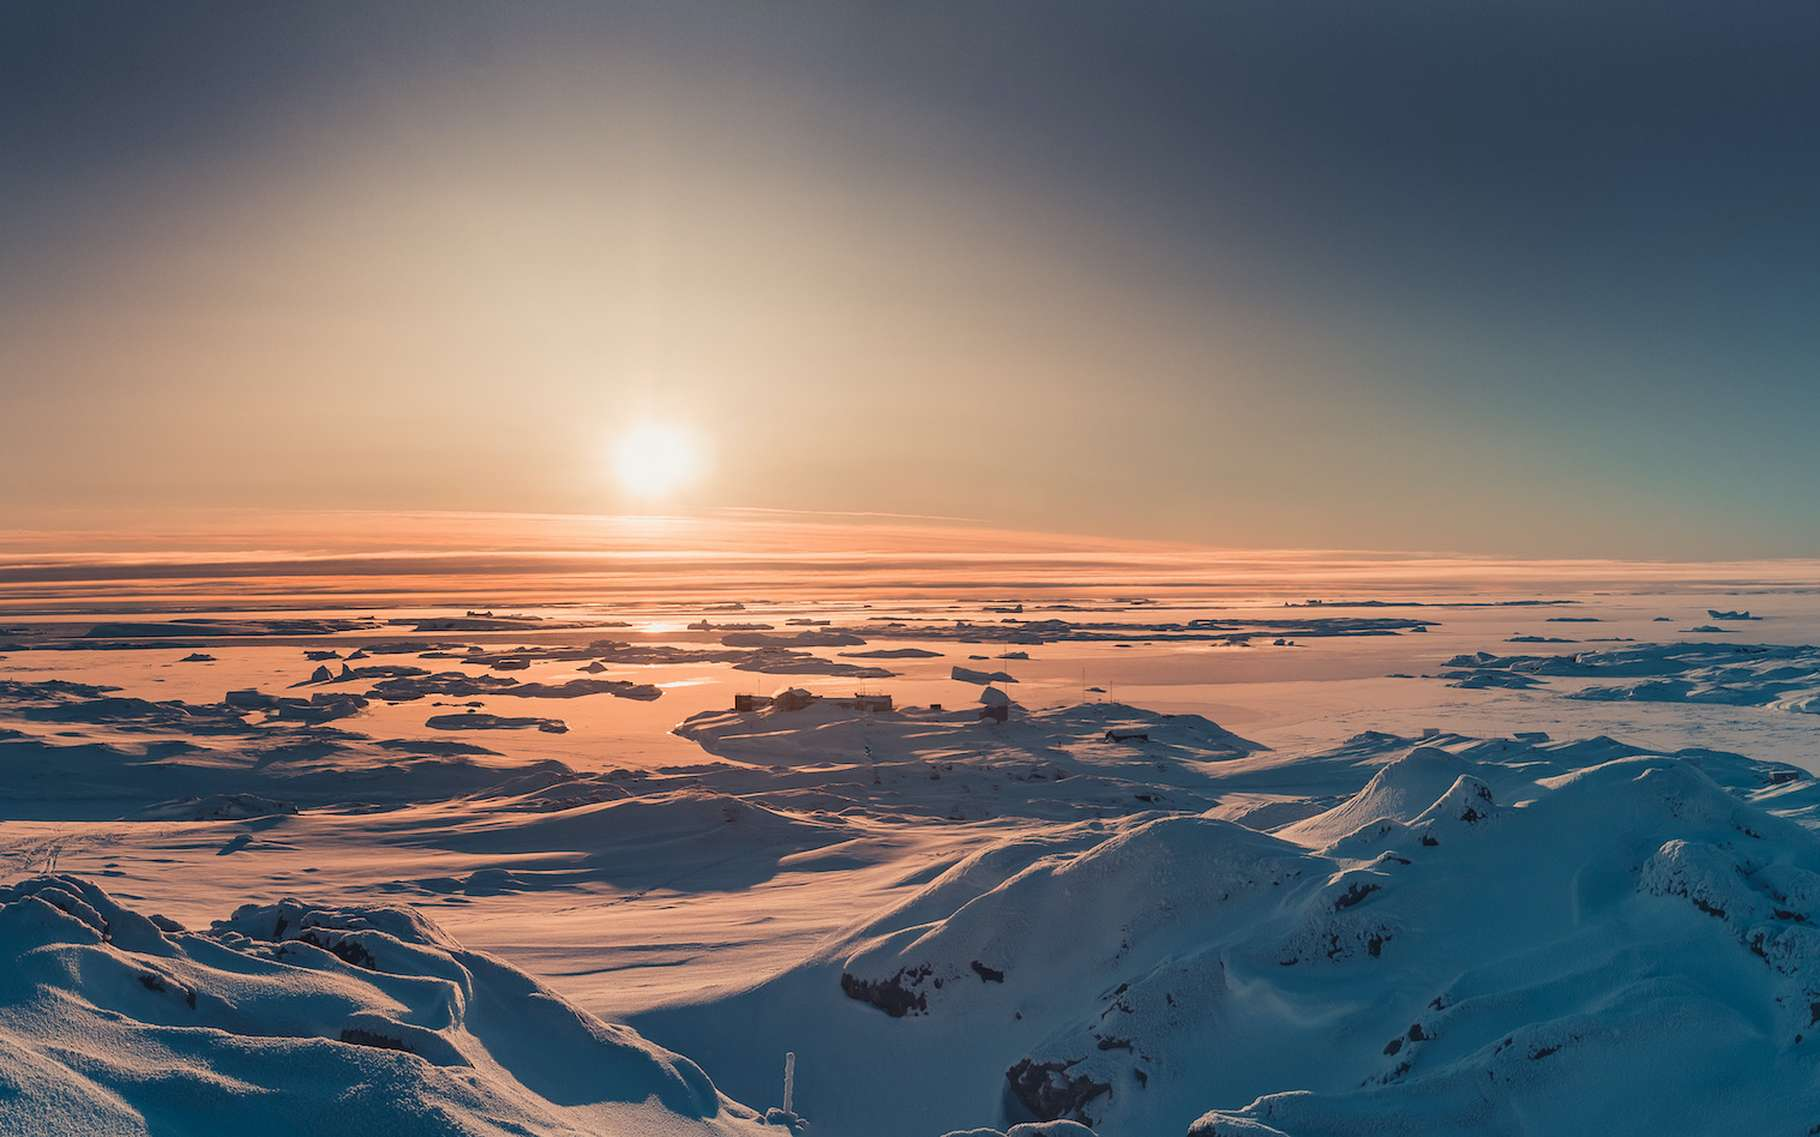 Des chercheurs de l'université du Kent (Royaume-Uni) ont trouvé, sur un sommet de l'est de l'Antarctique, des preuves d'un événement météoritique d'importance datant d'il y a 430.000 ans. © Goinyk, Adobe Stock